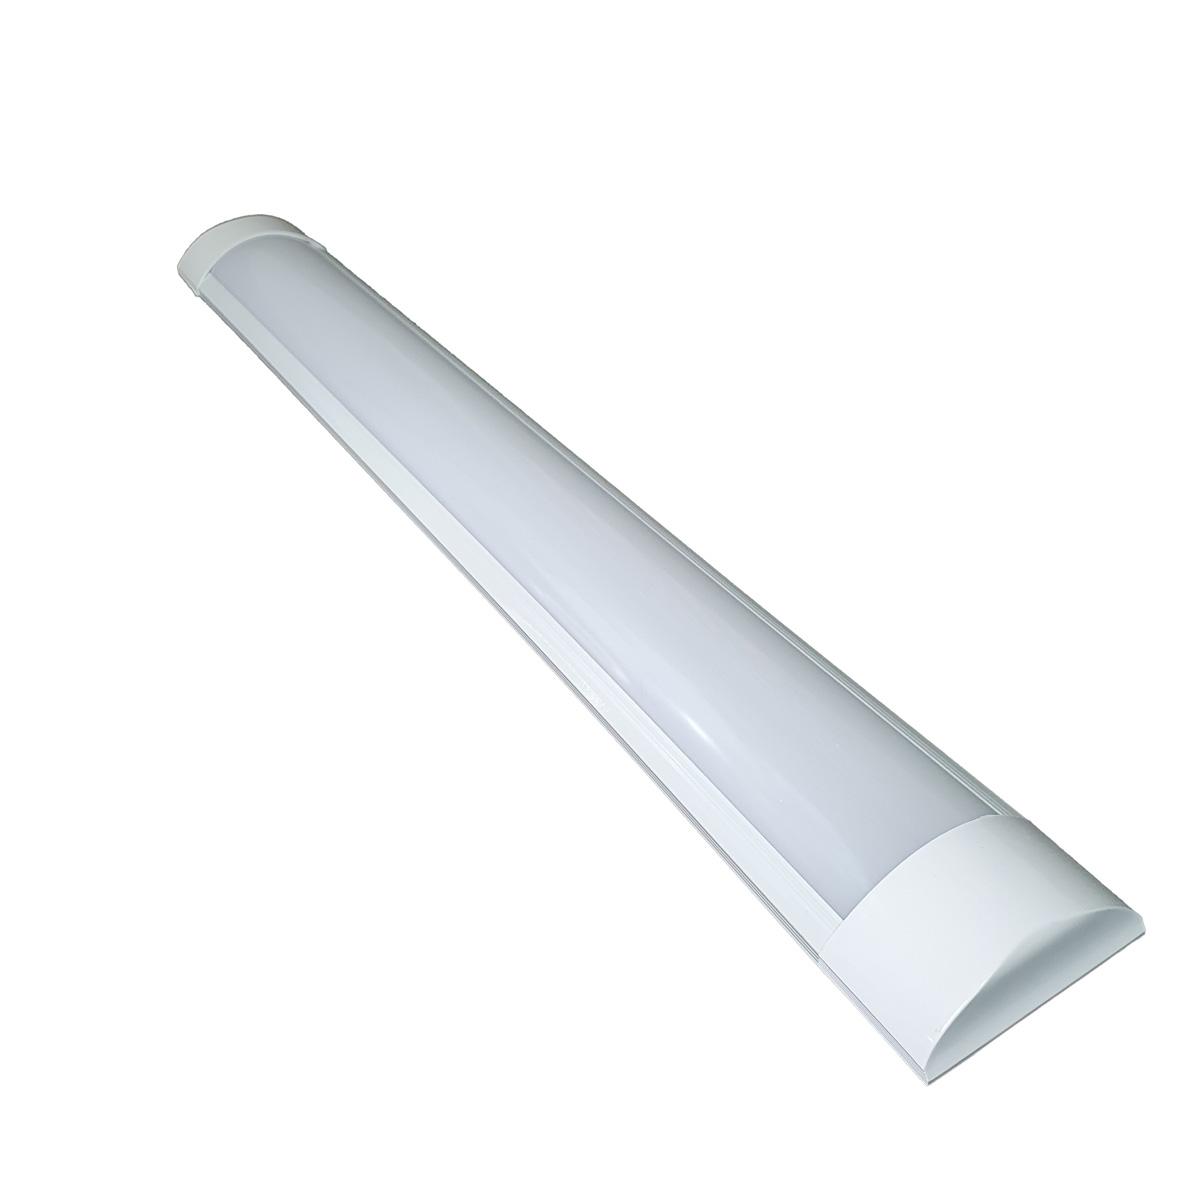 Kit 3 Lâmpadas Tubular Led 60cm Slim C/ Base/calha 6500k